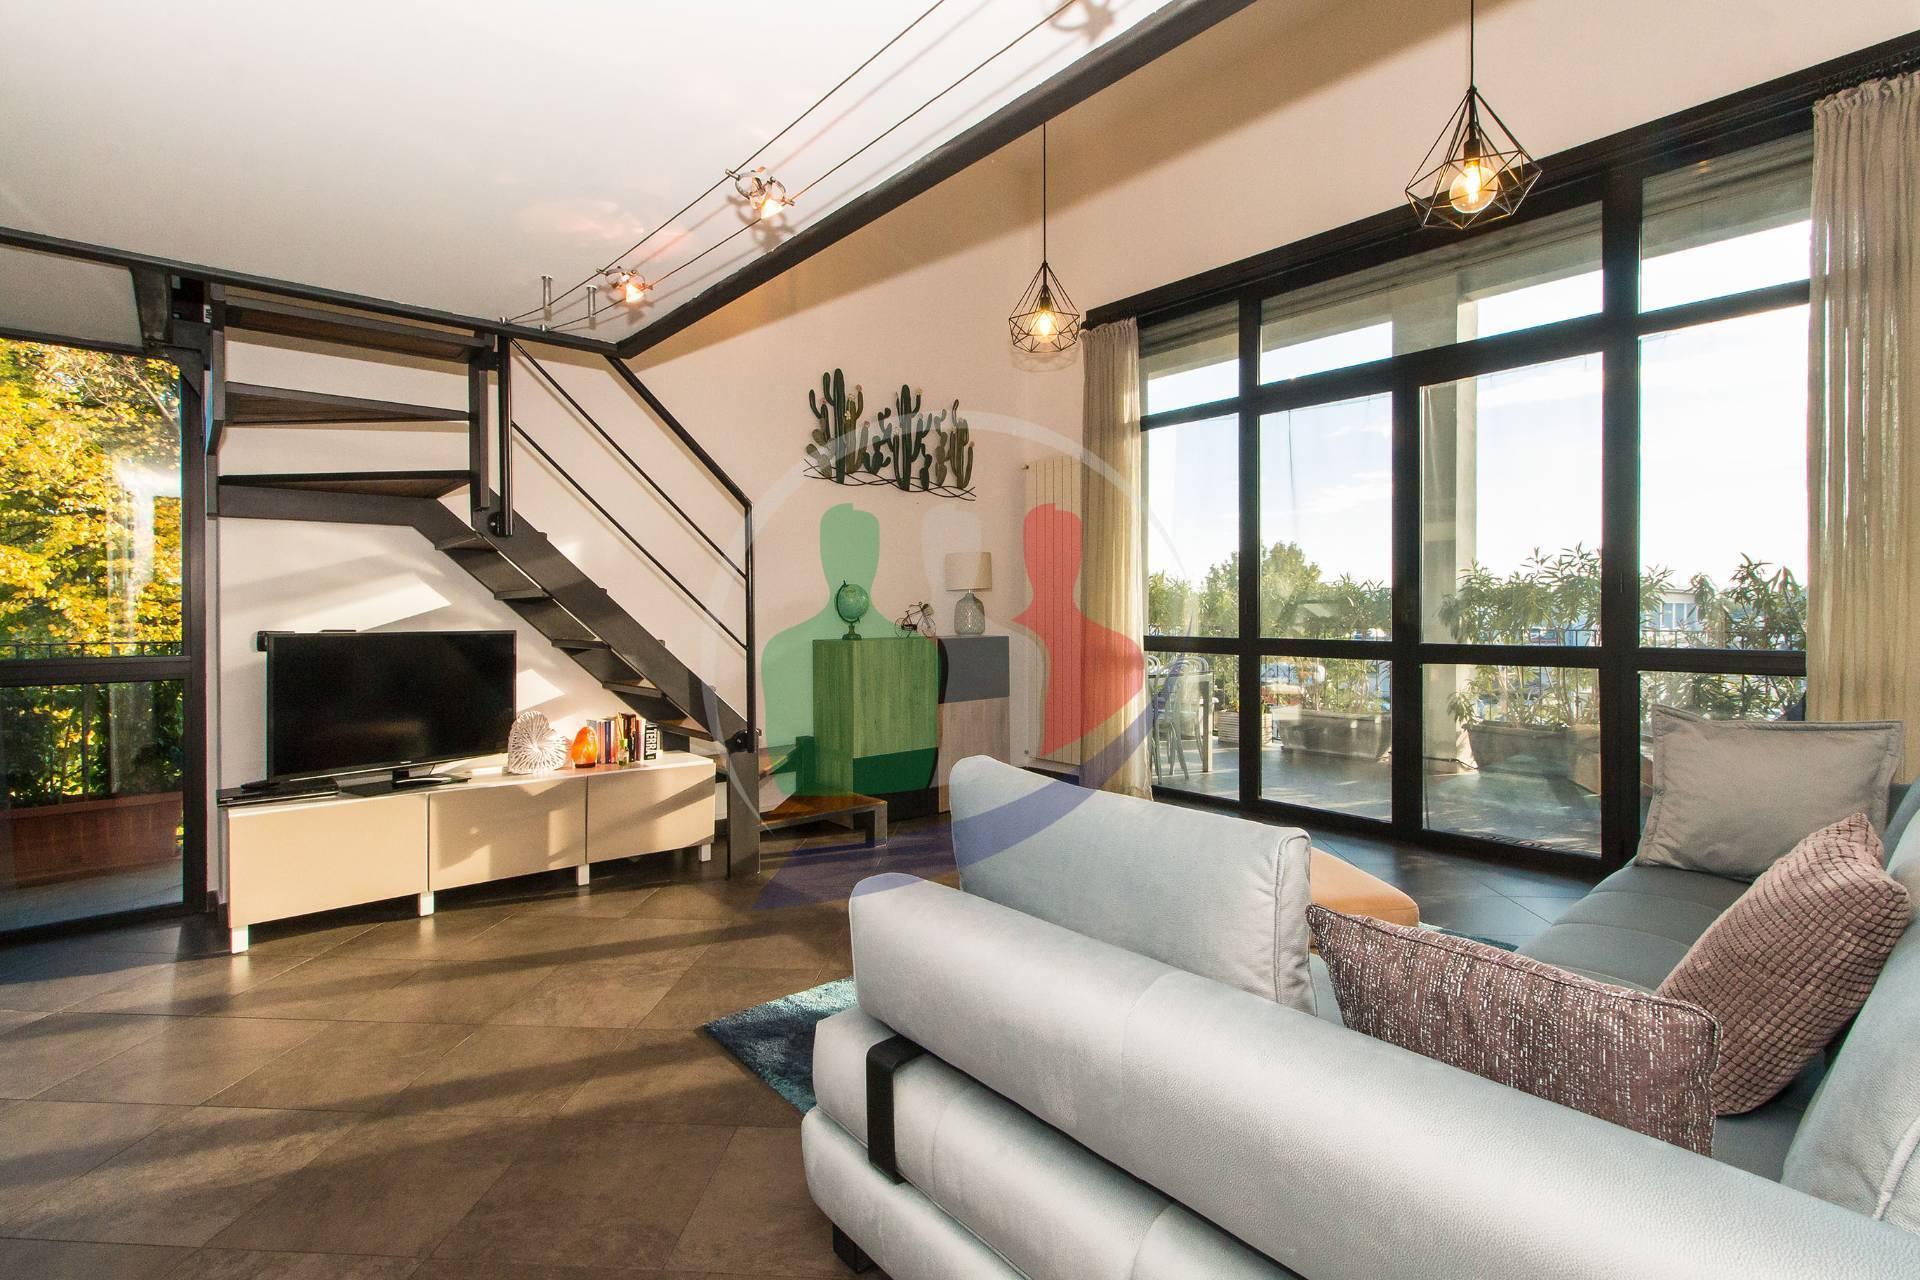 Appartamento in vendita a Moncalieri, 3 locali, prezzo € 169.000   PortaleAgenzieImmobiliari.it